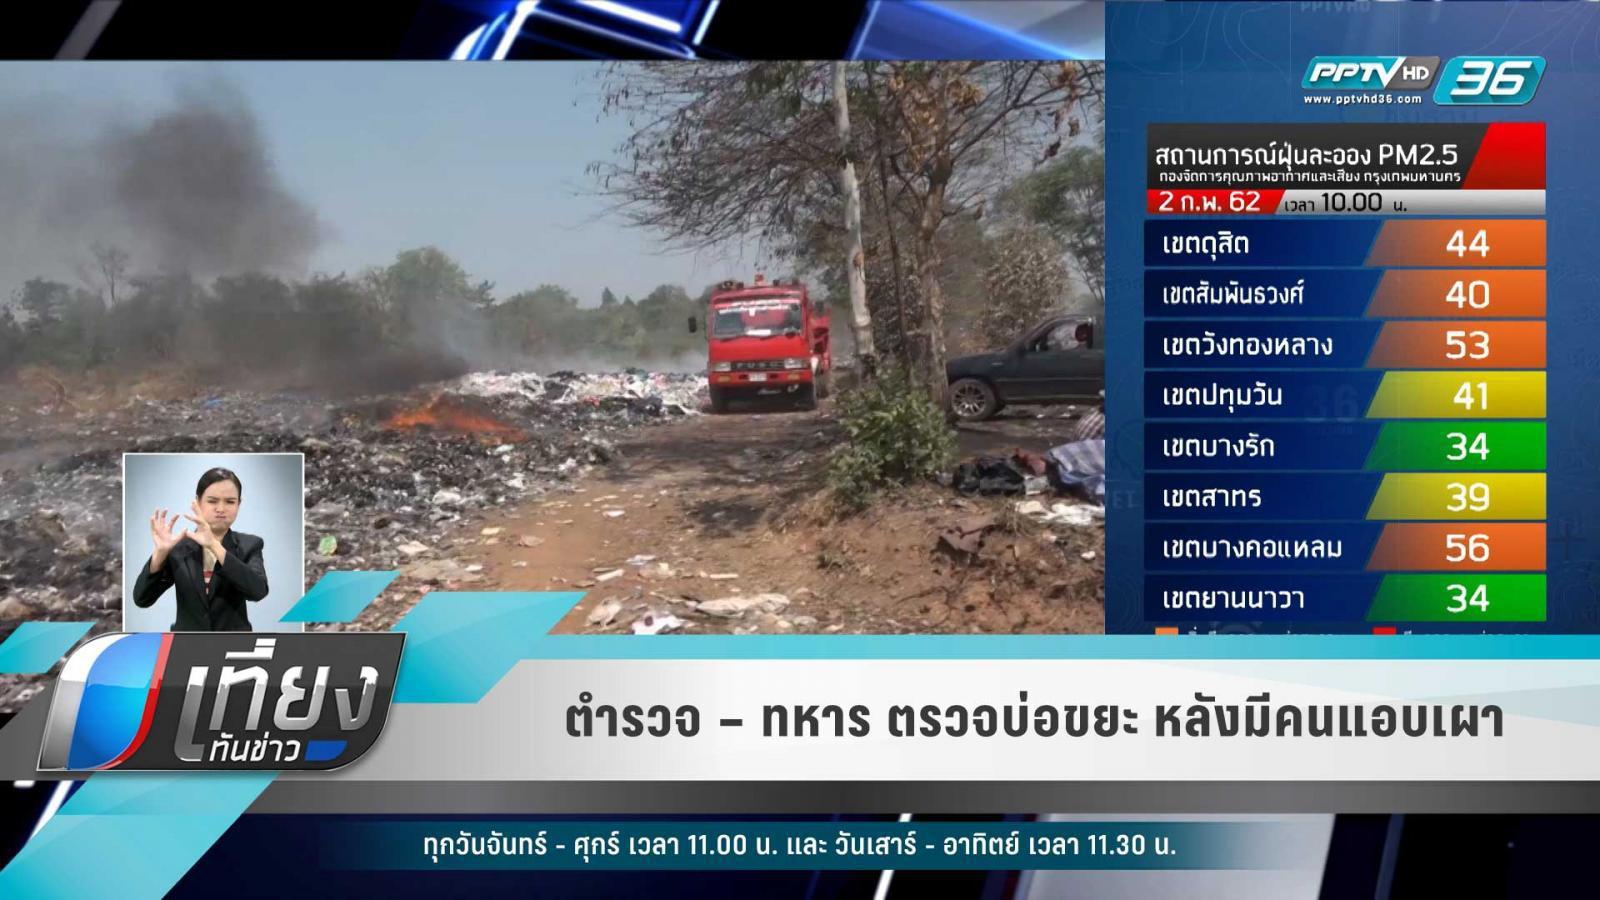 ตำรวจ – ทหาร ตรวจบ่อขยะ หลังมีคนแอบเผา